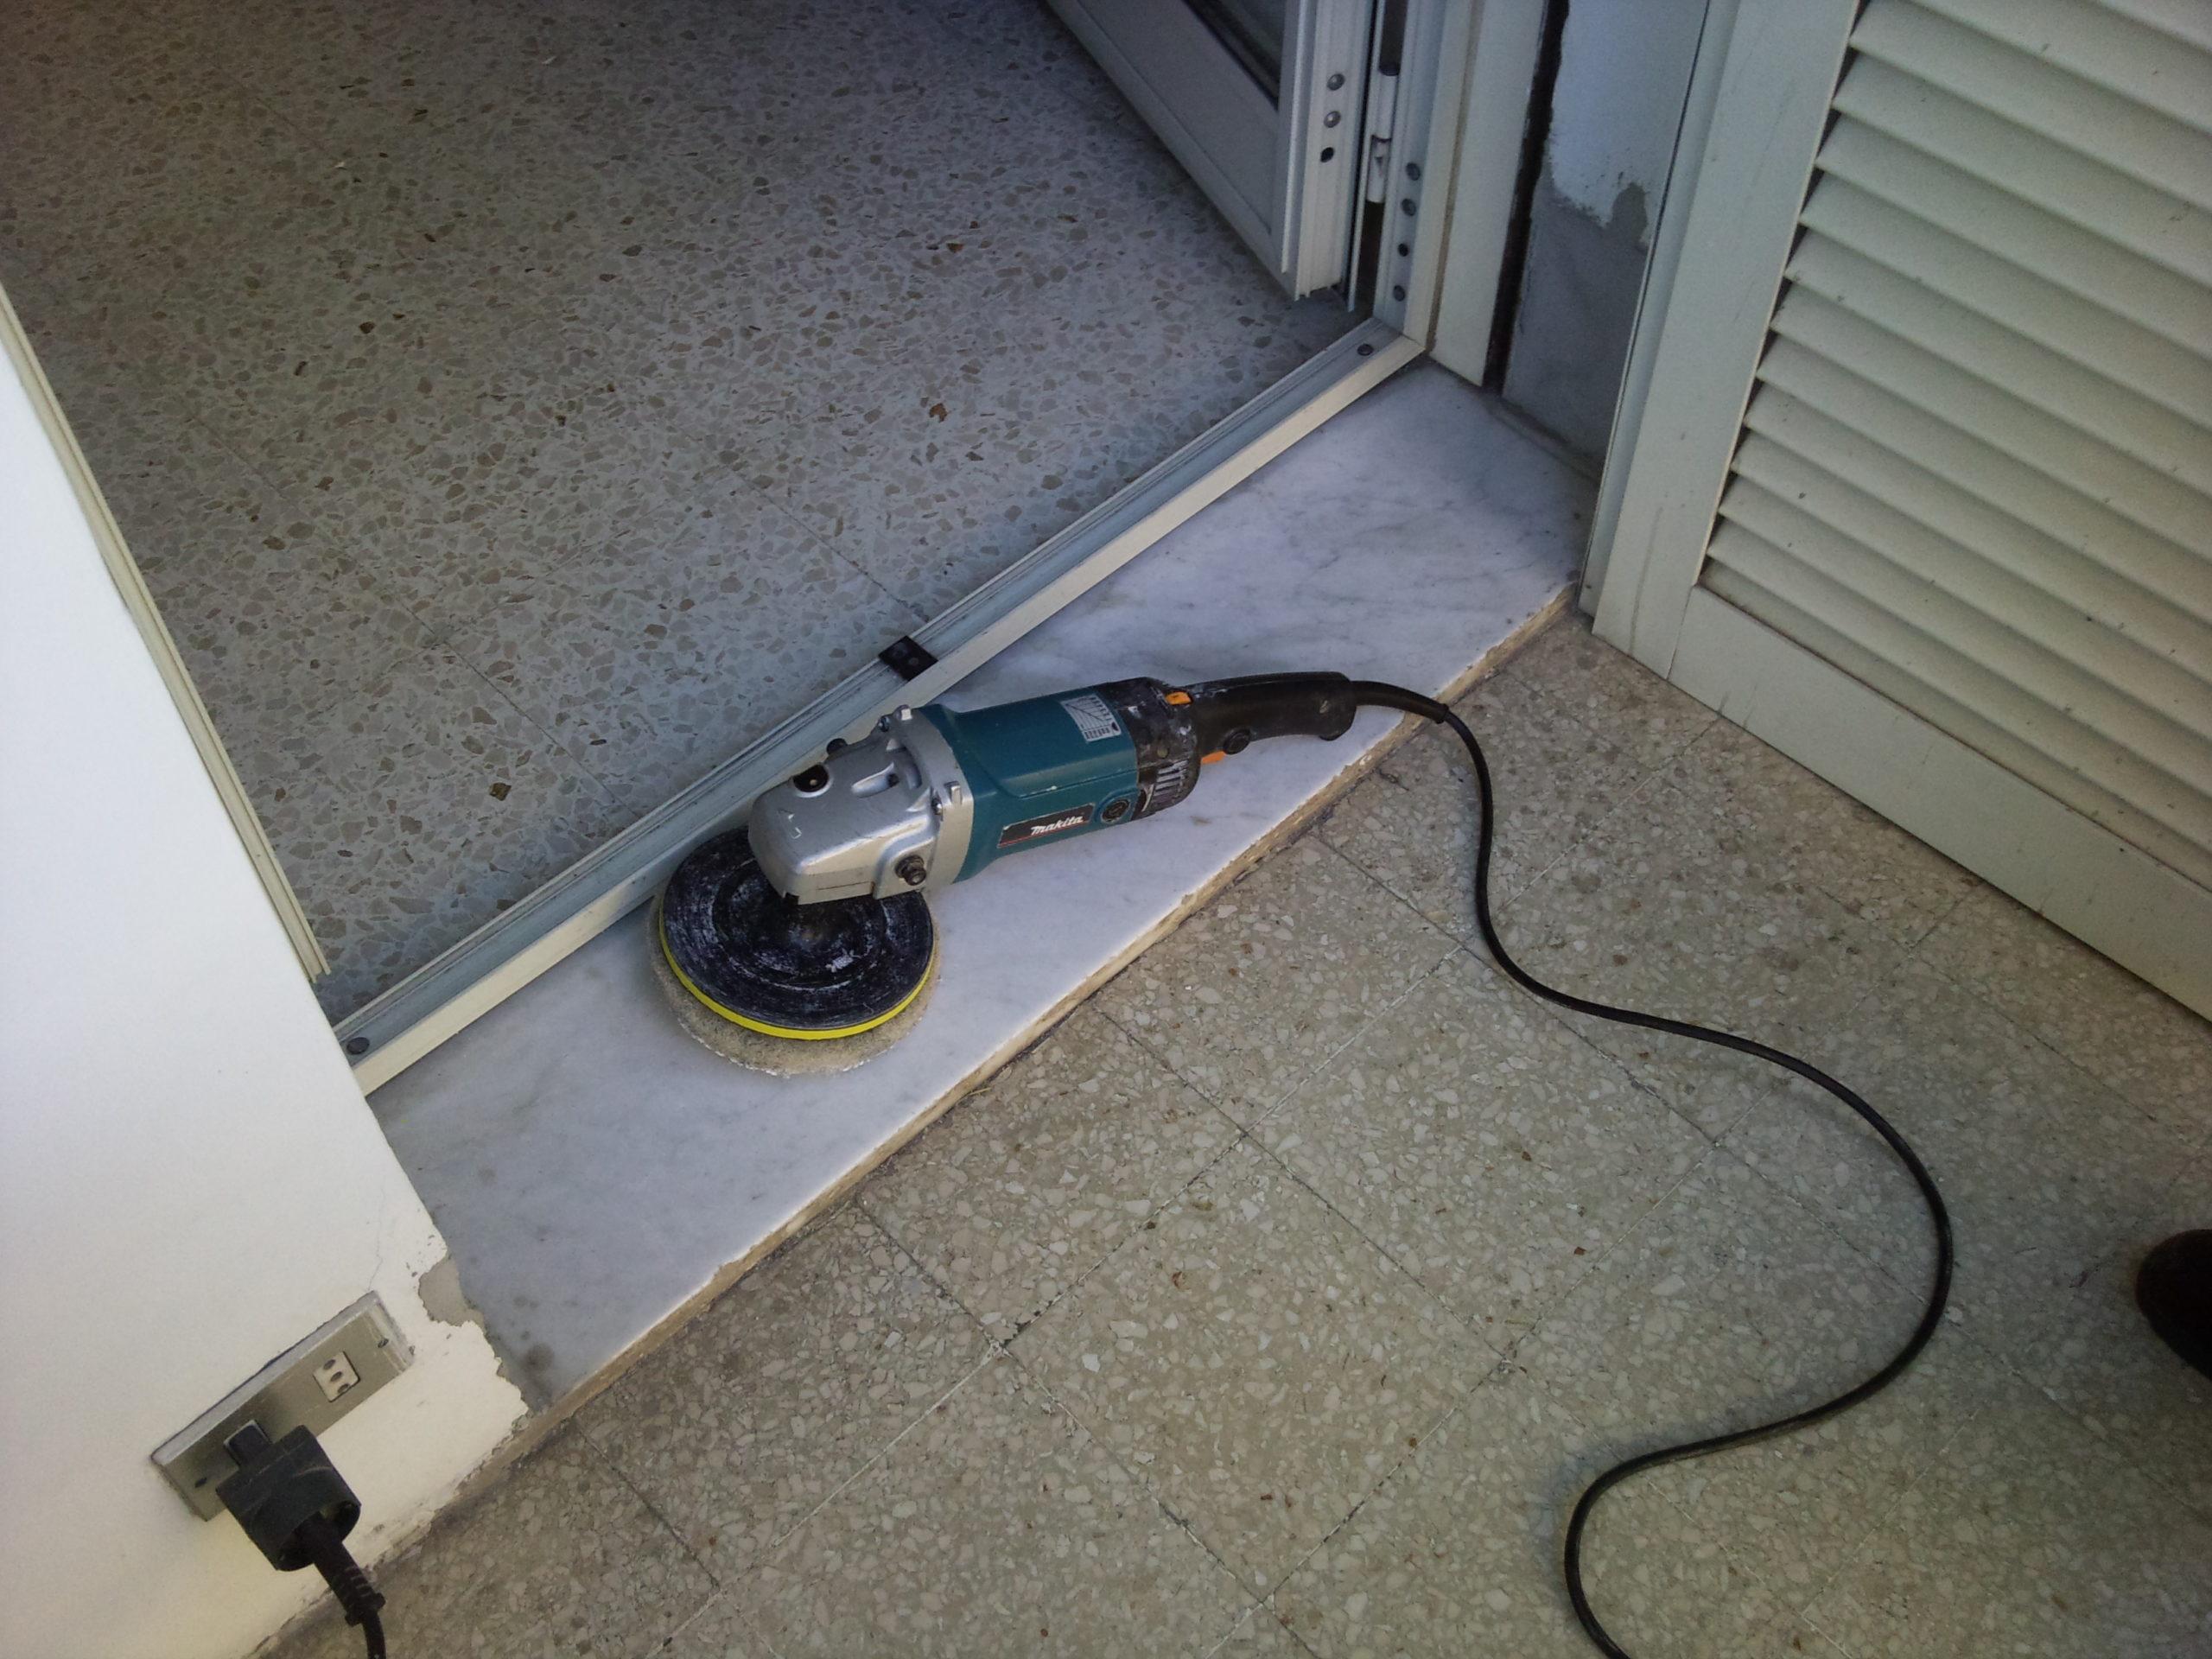 Lavorazione e pulilzia soglie balconi - pulizieserviziroma.it